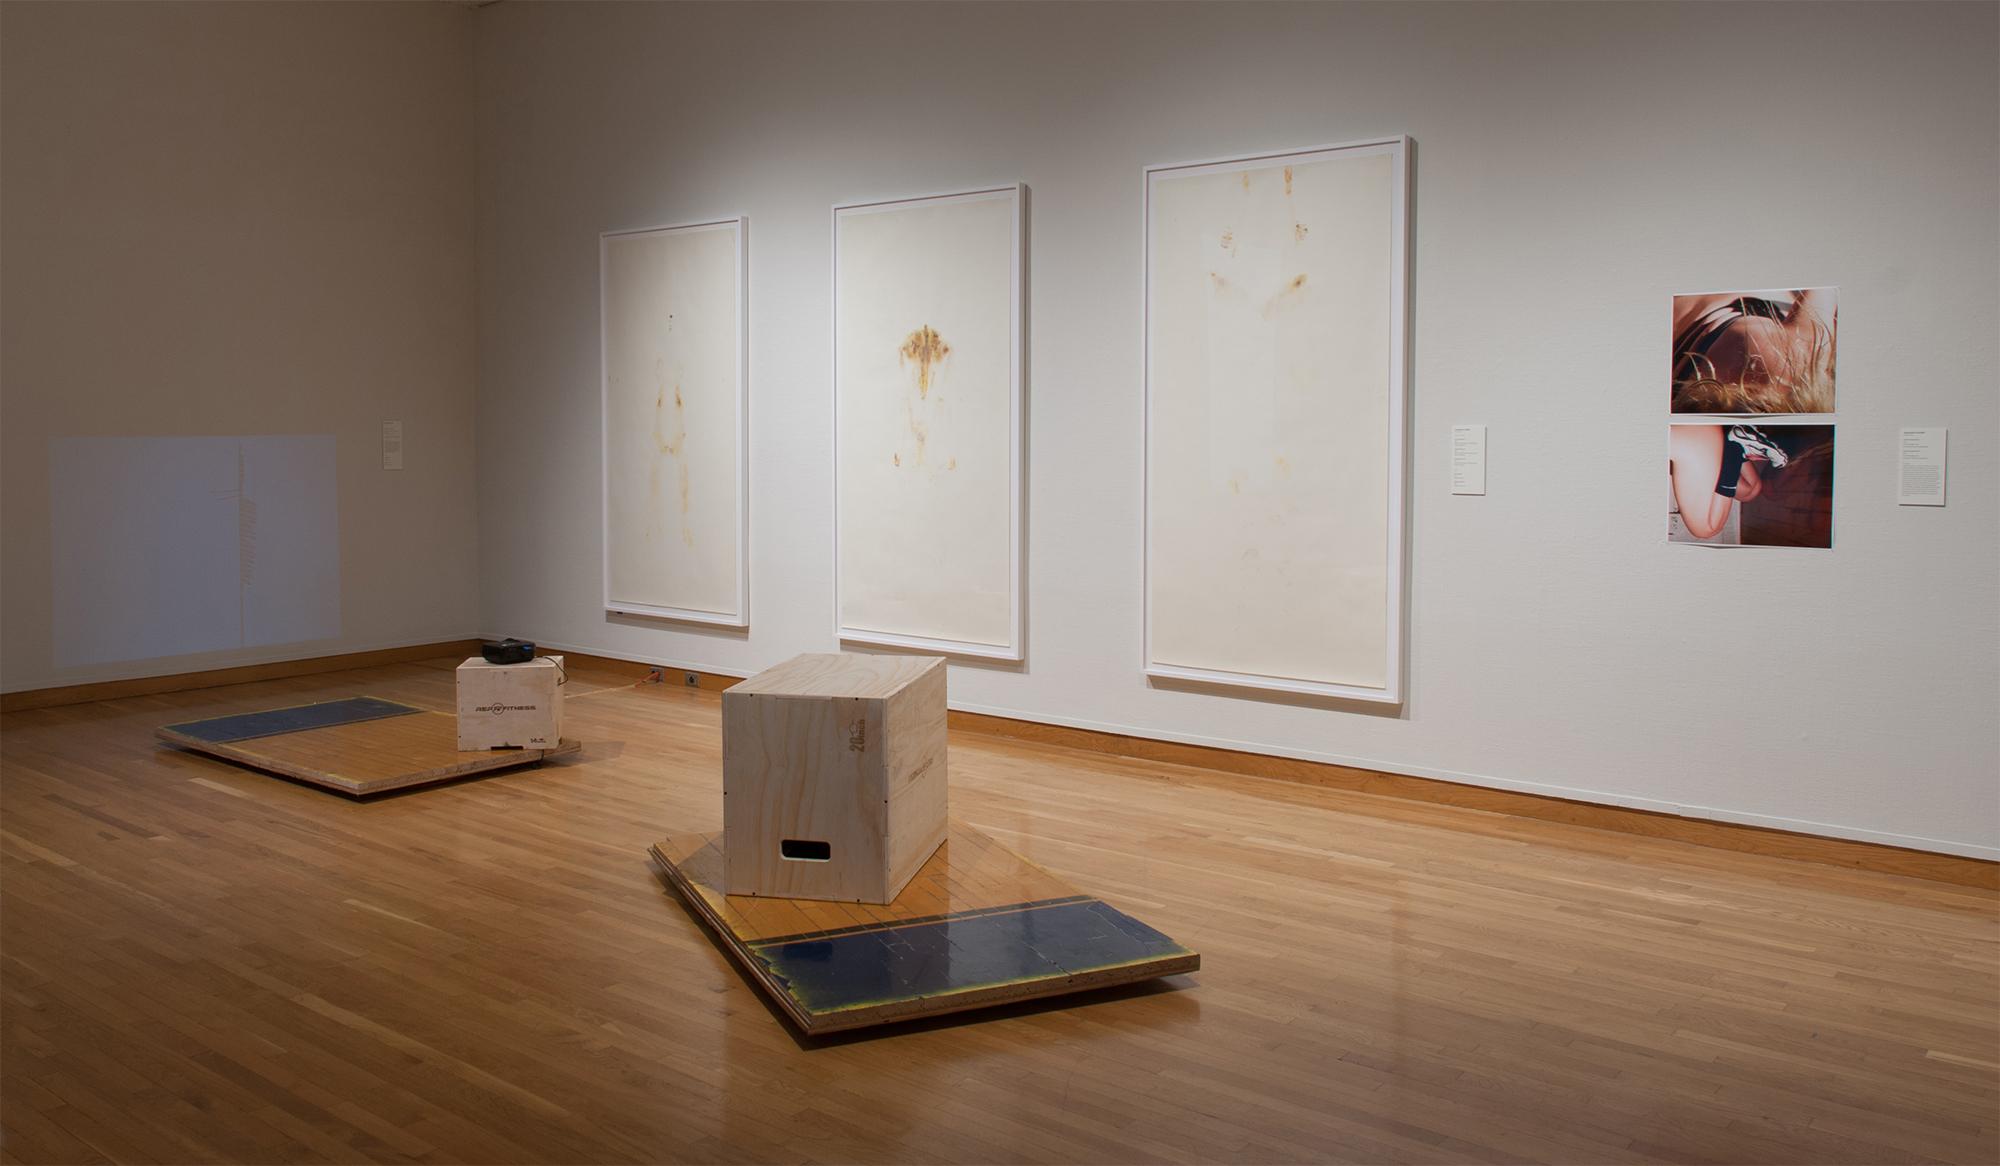 Jacqueline-Surdell-Artist-Installation-Body-Work-02.jpg